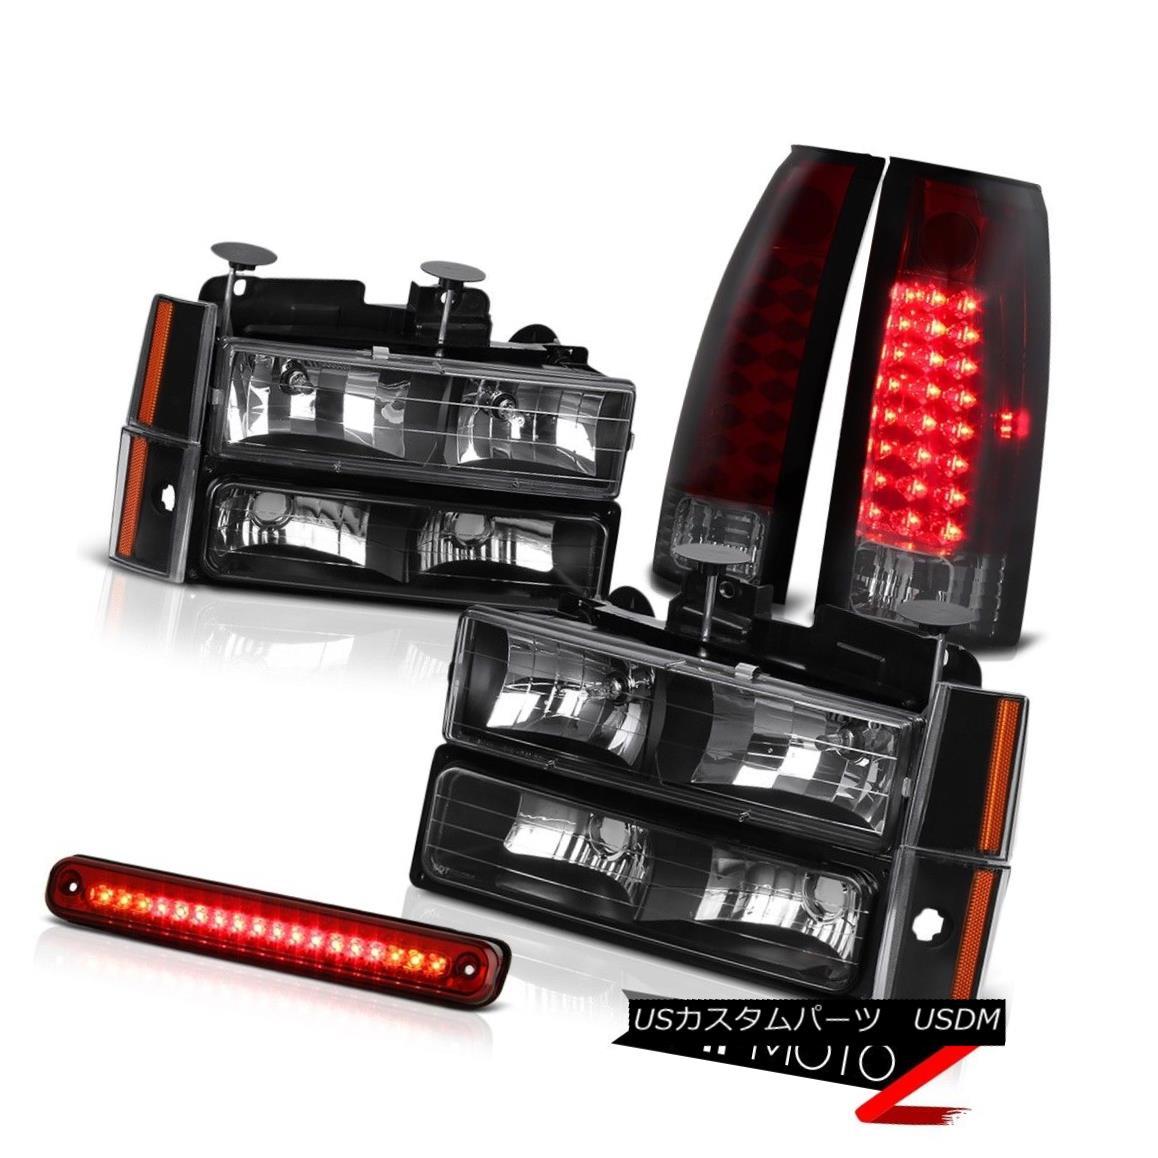 ヘッドライト [CHERRY RED] Rear Brake Cab Cargo Tail Lights Corner Parking Headlight Chevy C/K [CHERRY RED]リアブレーキキャブ貨物テールライトコーナーパーキングヘッドライトChevy C / K